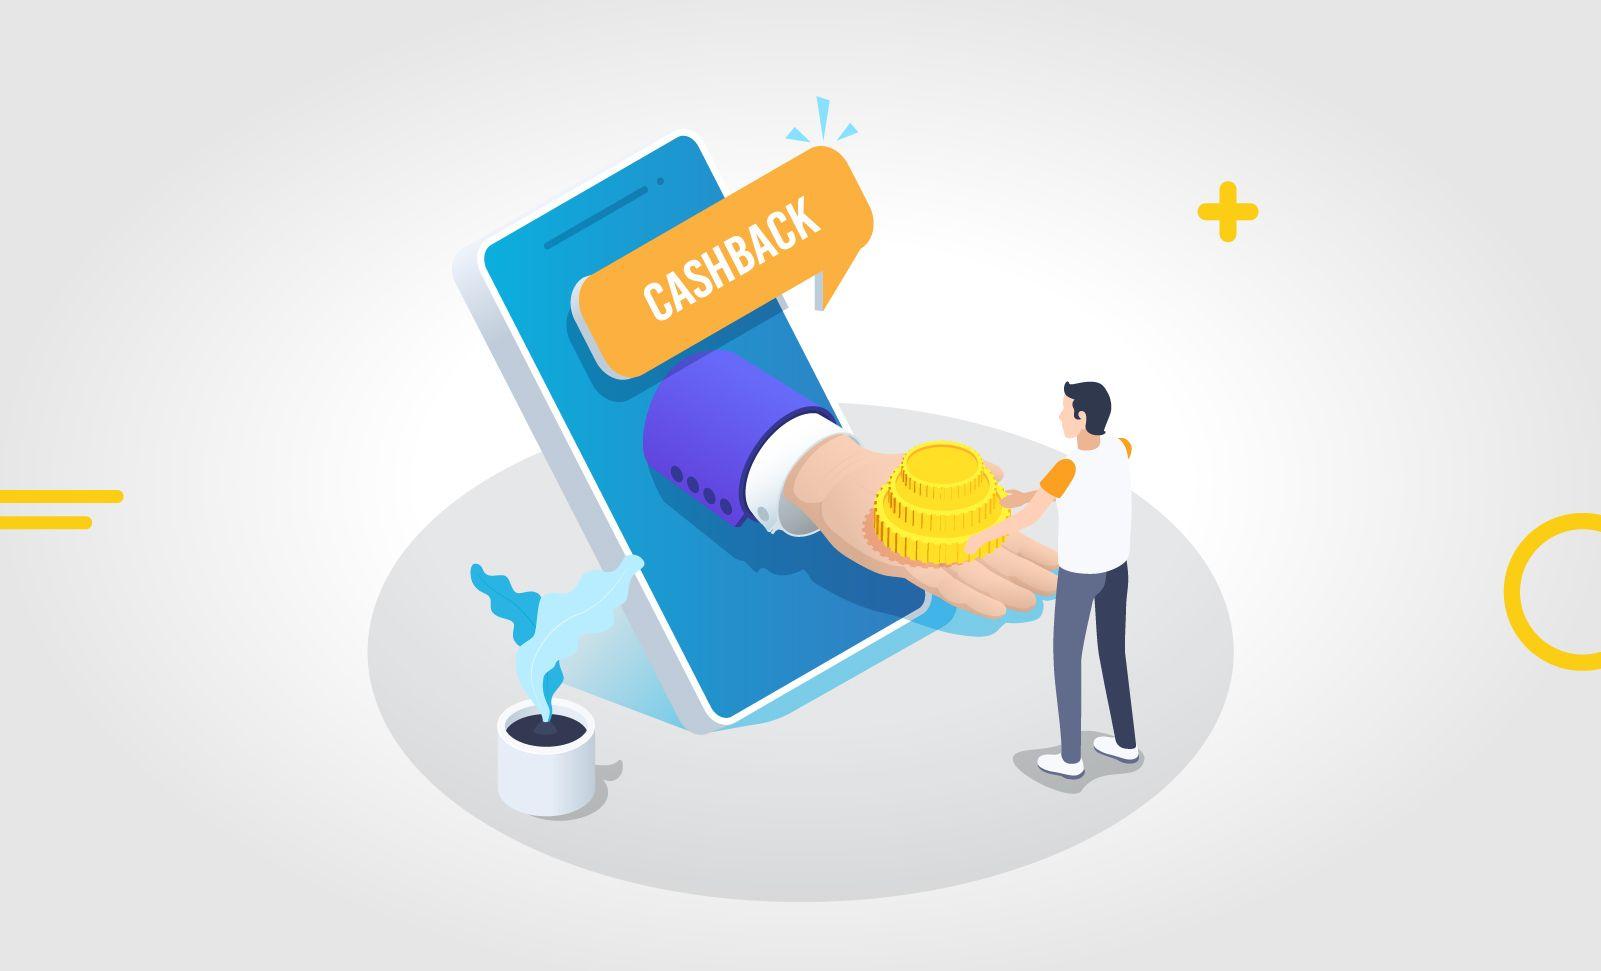 Strategi Penggunaan Pendistribusian Dana oleh Akulaku dalam Menjalankan Program Cashback